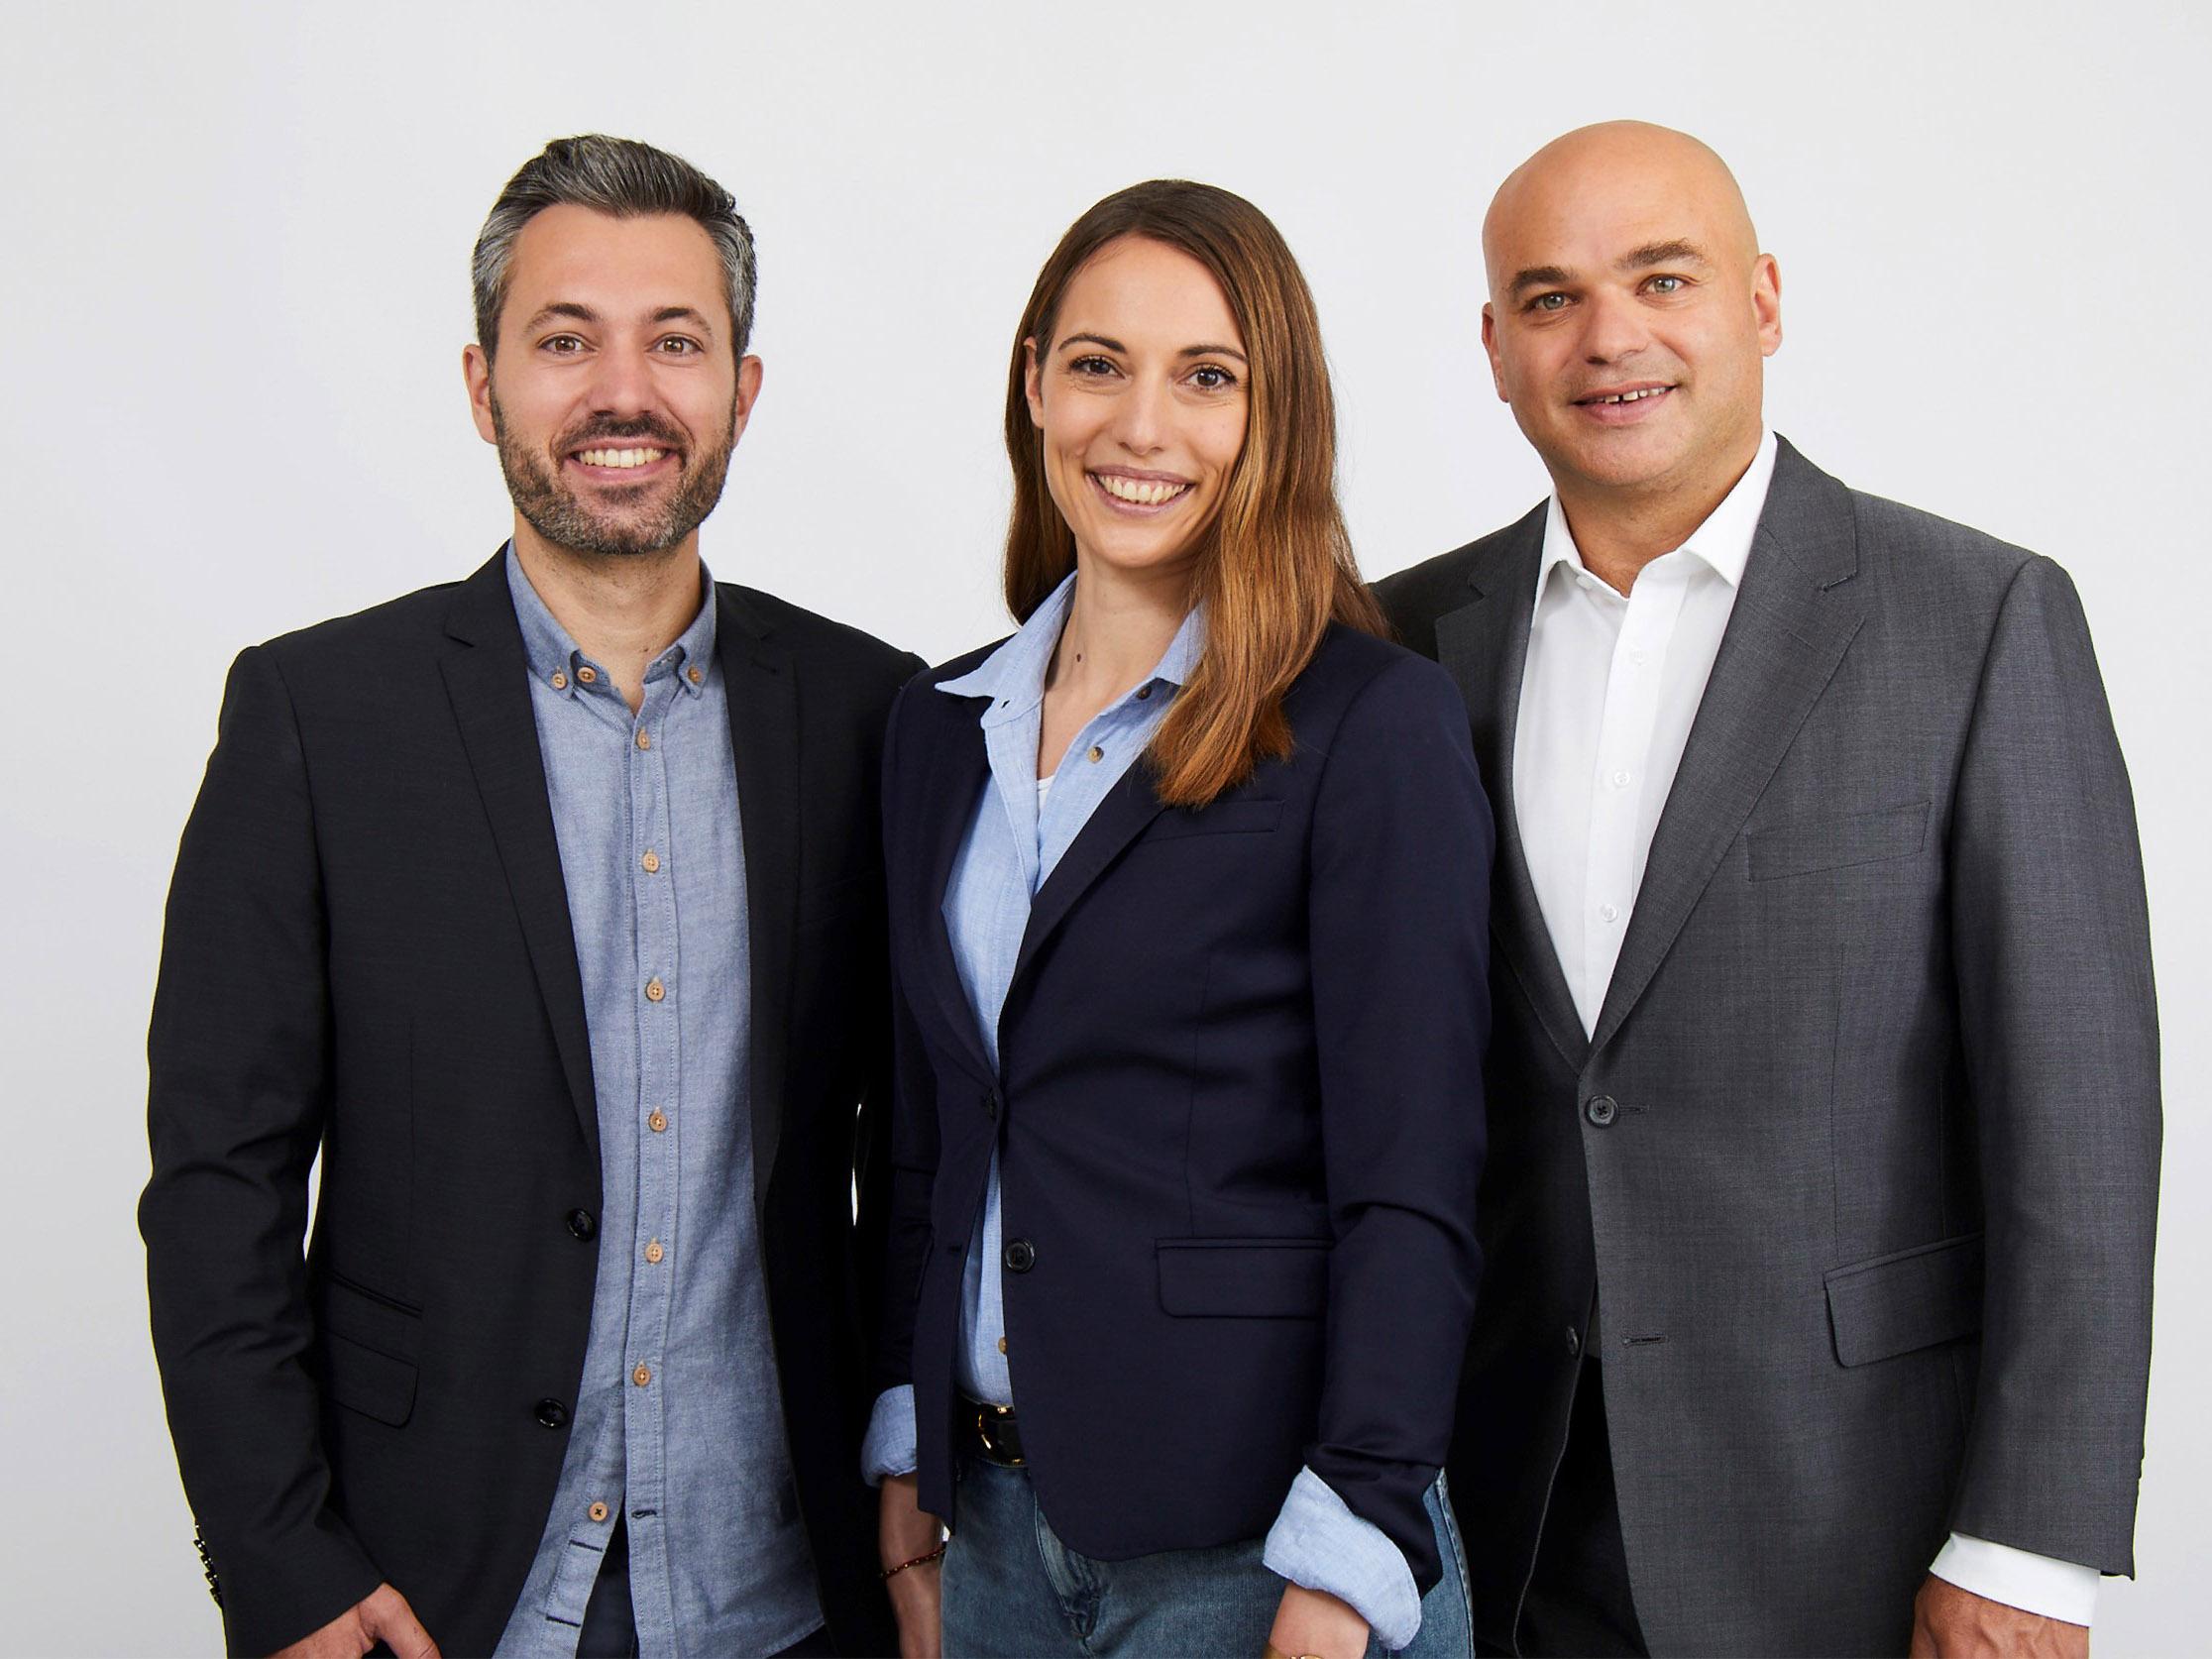 Freuen sich auf den Wahlkampf: Manuel Frick, Selina Frey und Ronny Siev (bisher) (v.l.n.r.).